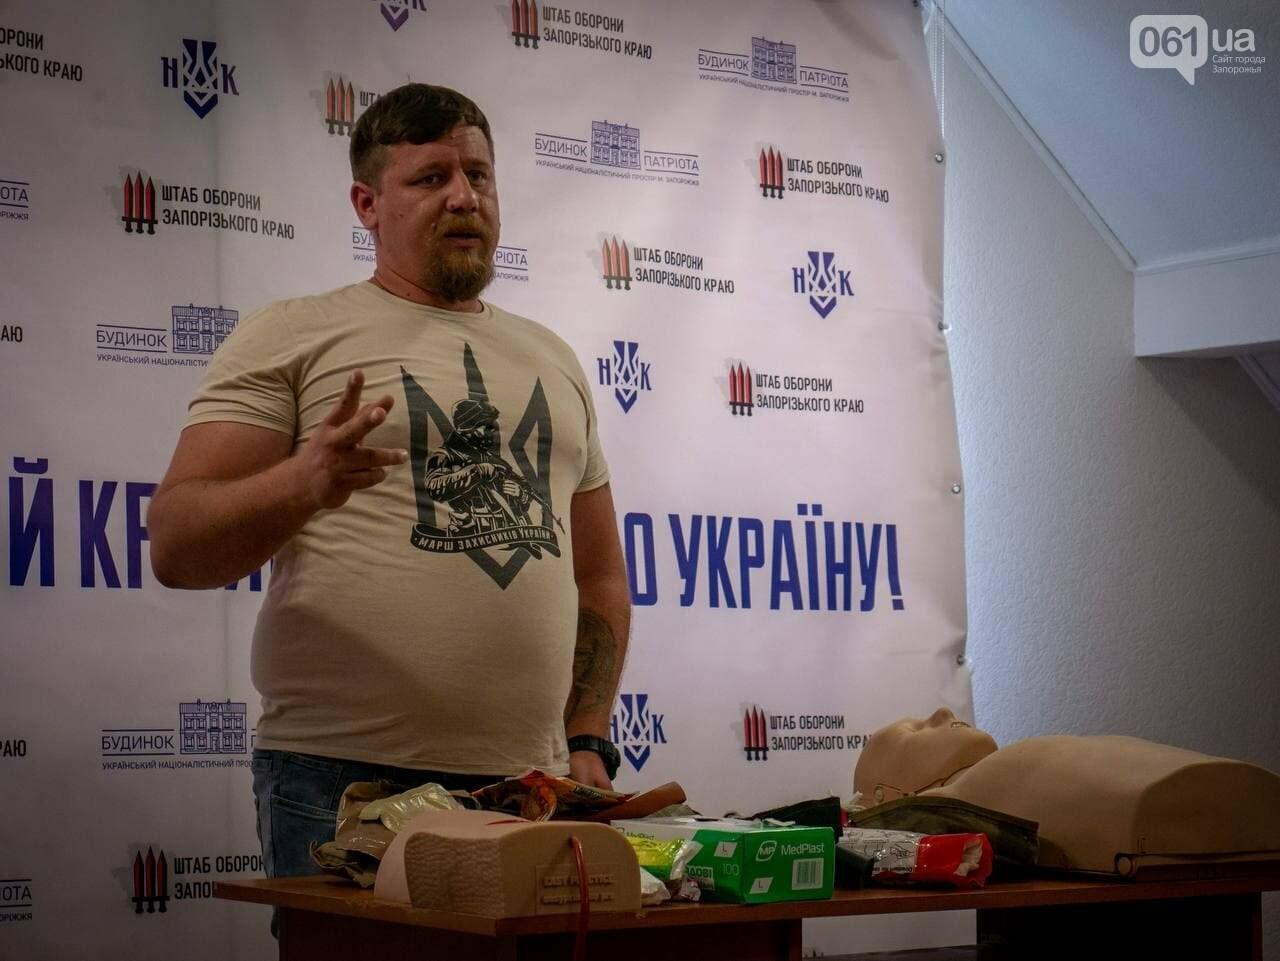 Максим Зайченко: «Ветераны готовы стать основой территориальной обороны», фото-5